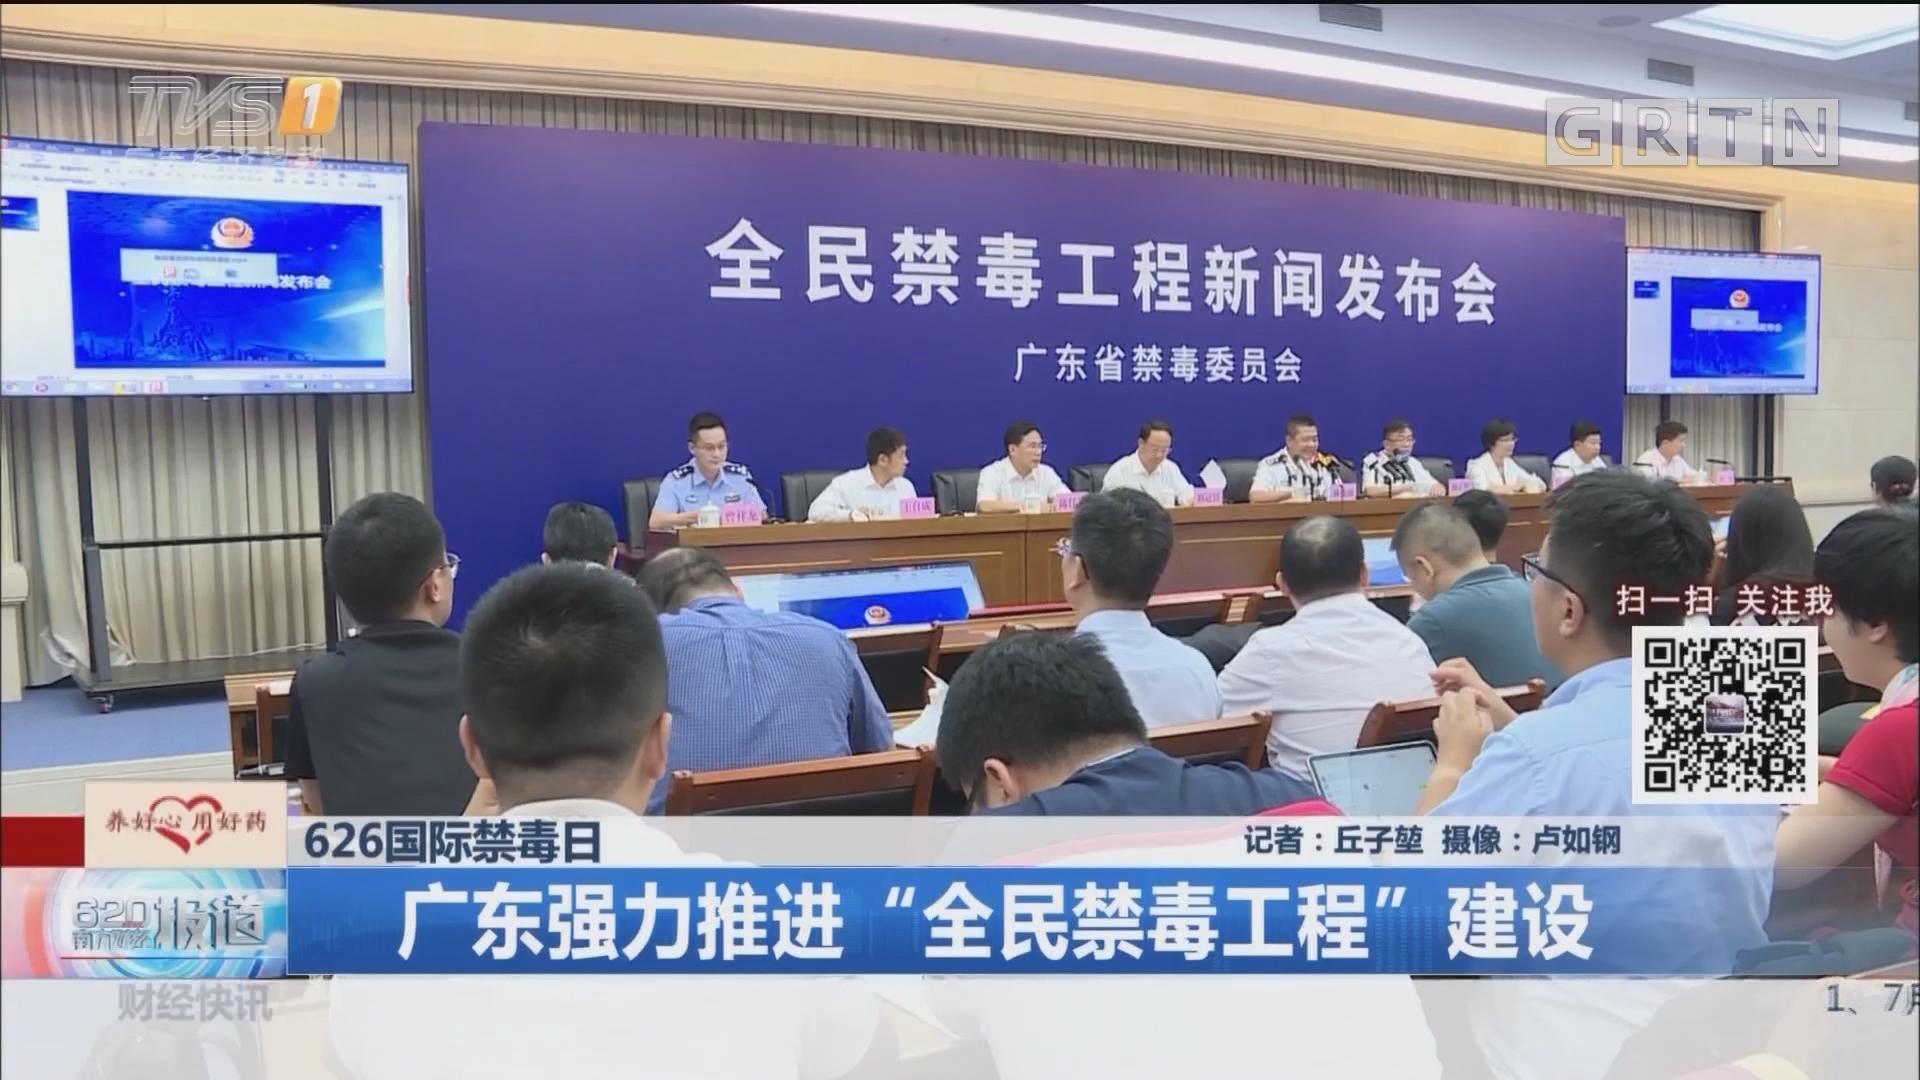 """626国际禁毒日:广东强力推进""""全民禁毒工程""""建设"""